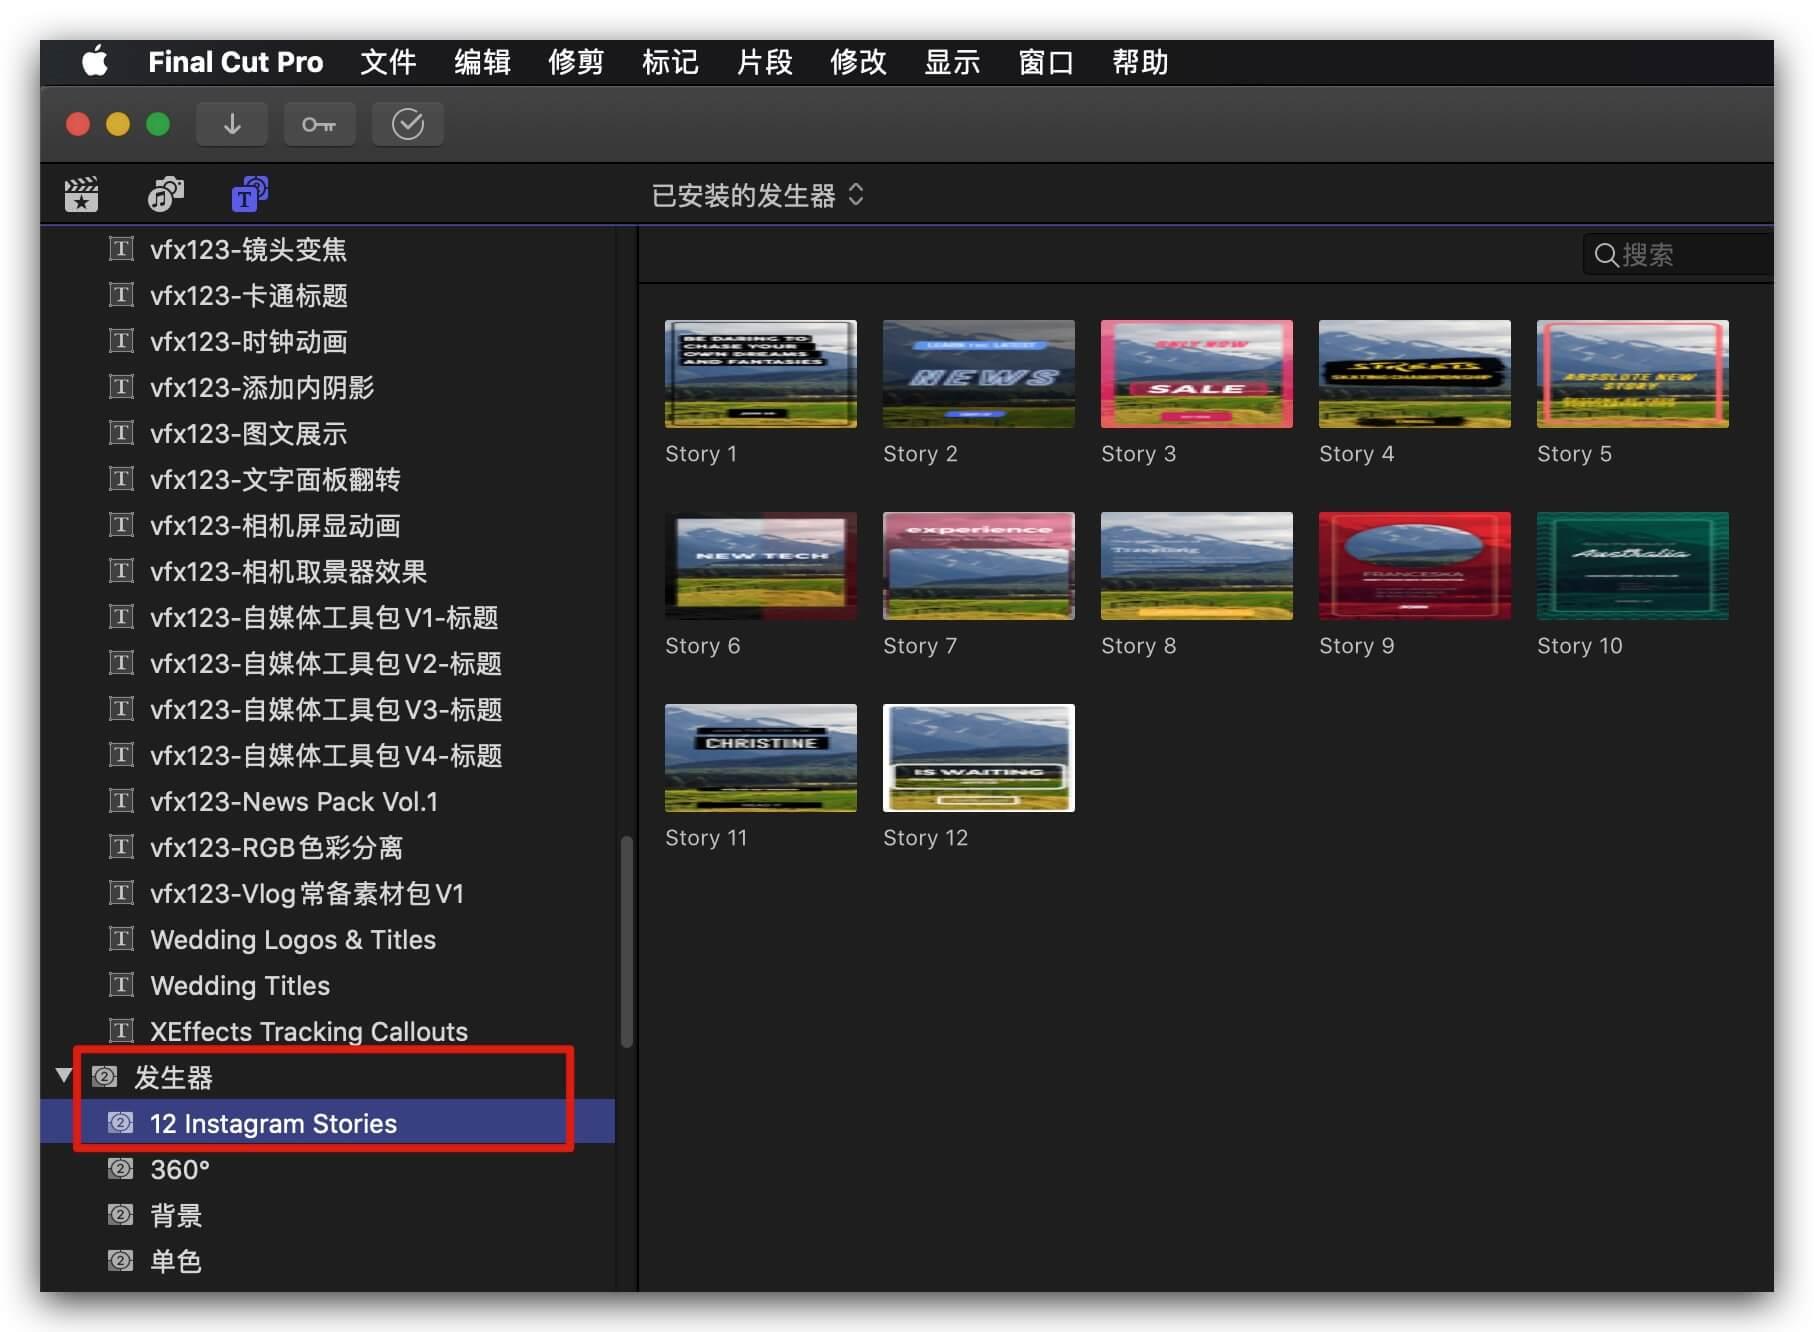 fcpx竖屏模板 12组手机短视频竖屏图文展示片头模板 Ins Story